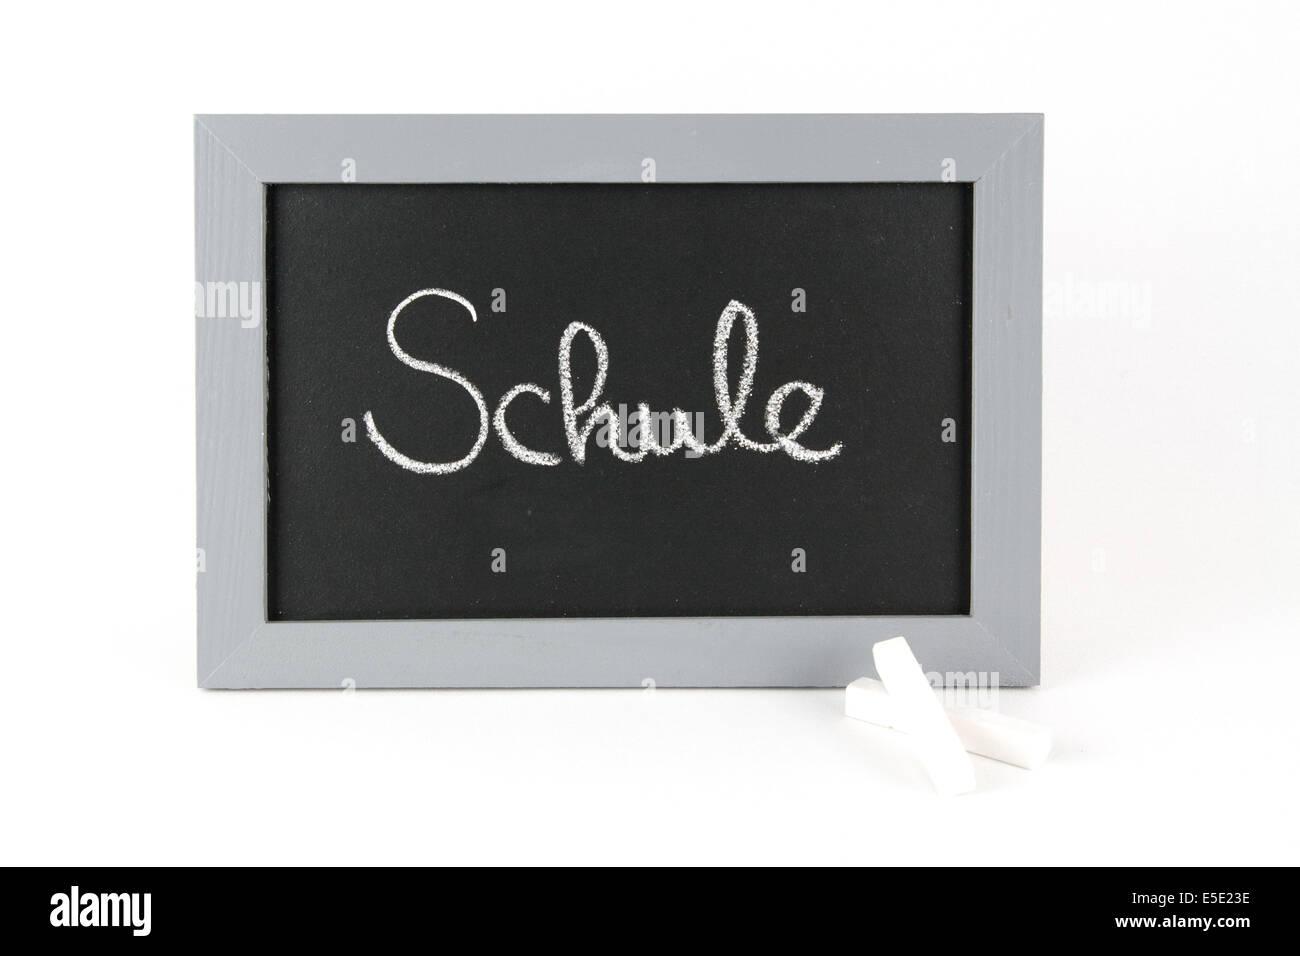 Tafel Schule Ferien Urlaub Sommerpause Ferienzeit Sommerferien Kinder Mitschueler Frei Schulfrei Lernpause Alphabet - Stock Image